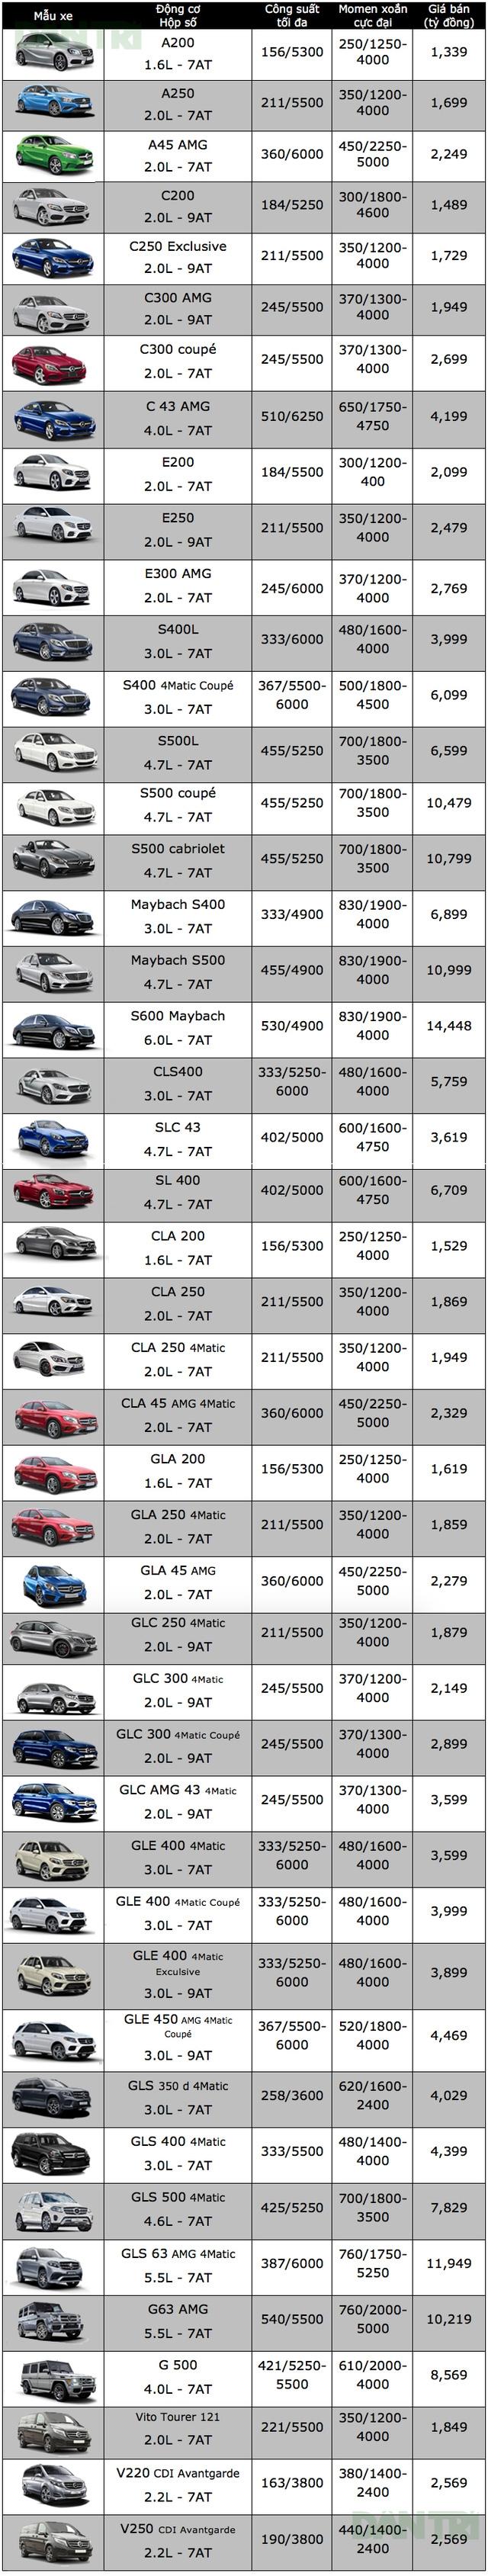 Bảng giá xe ôtô tại Việt Nam cập nhật tháng 10/2017 - 15